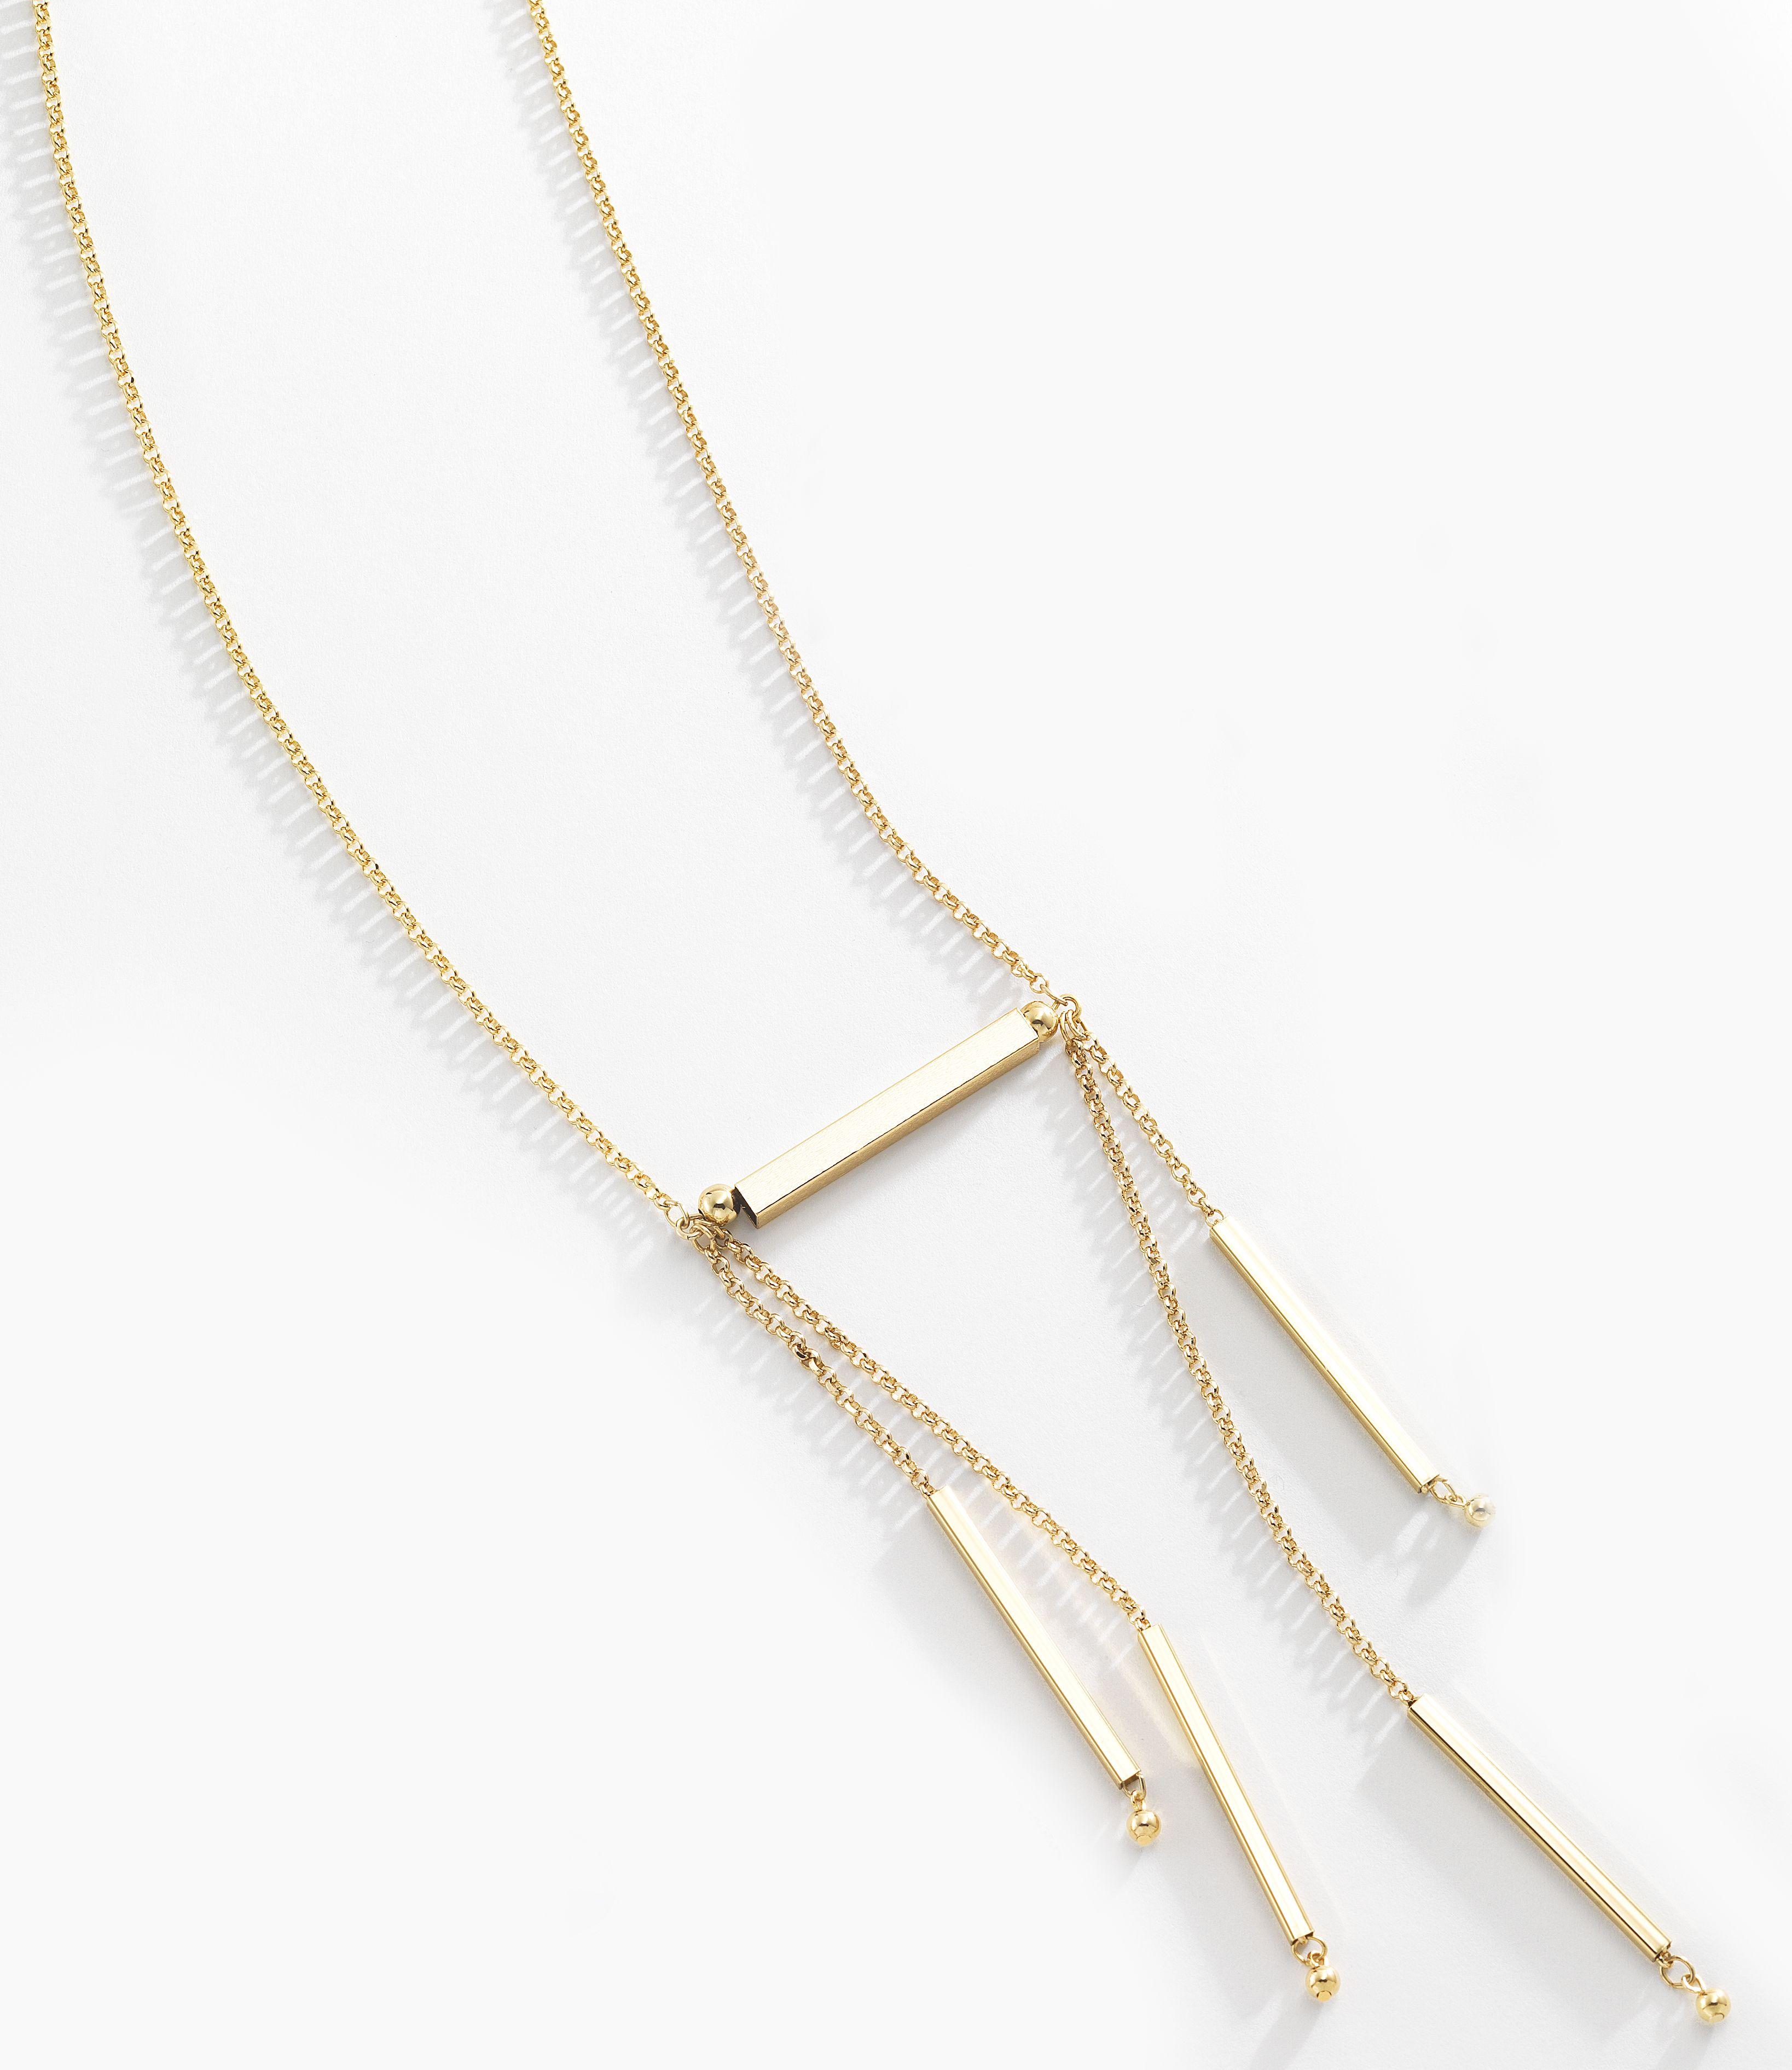 a715b7640796 Hermoso collar de cadena tipo cable elaborado en 4 baños de oro de 18 kt y  cadenas colgantes. Luce mejor este collar con la pulsera 116394 y los aretes  .